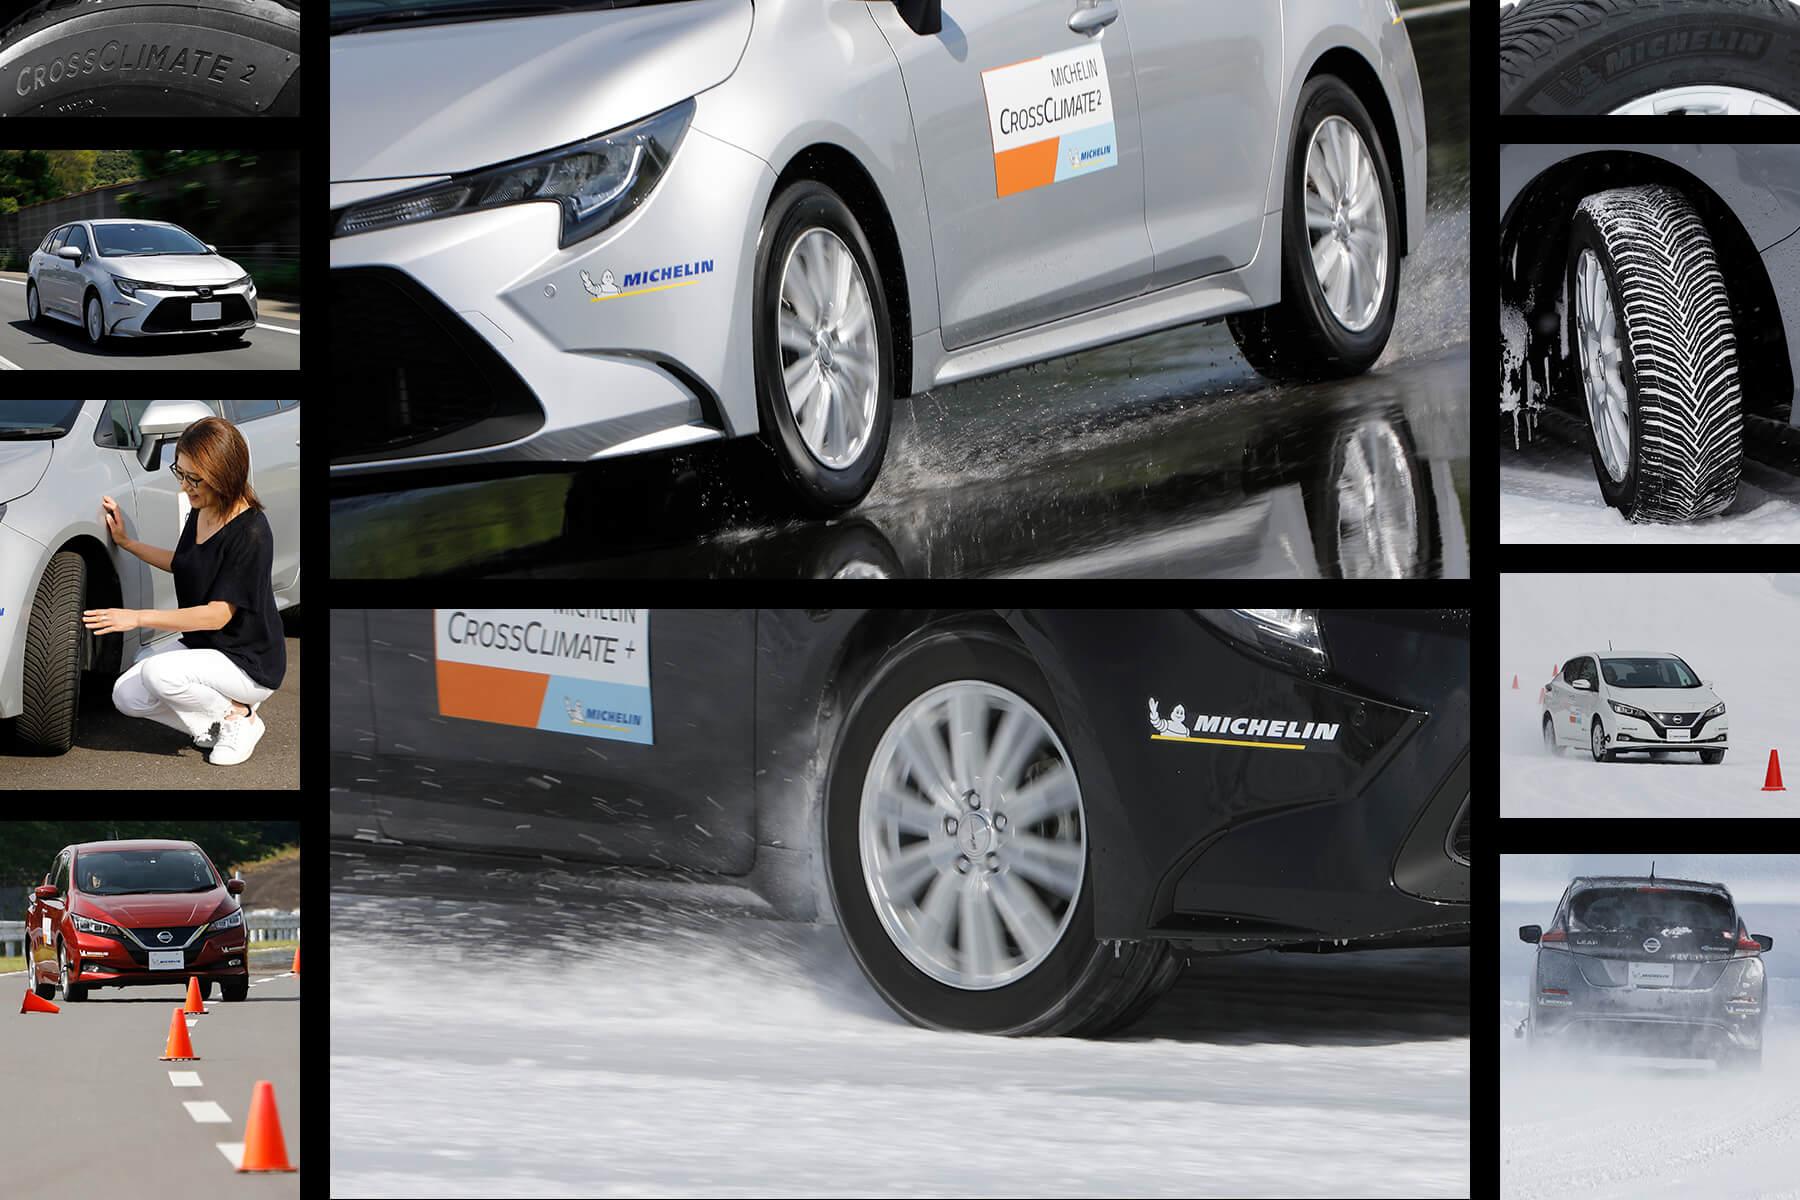 雪もウェットも更なる安心へ! ミシュランの新作「クロスクライメート 2」をあらゆる路面で徹底検証